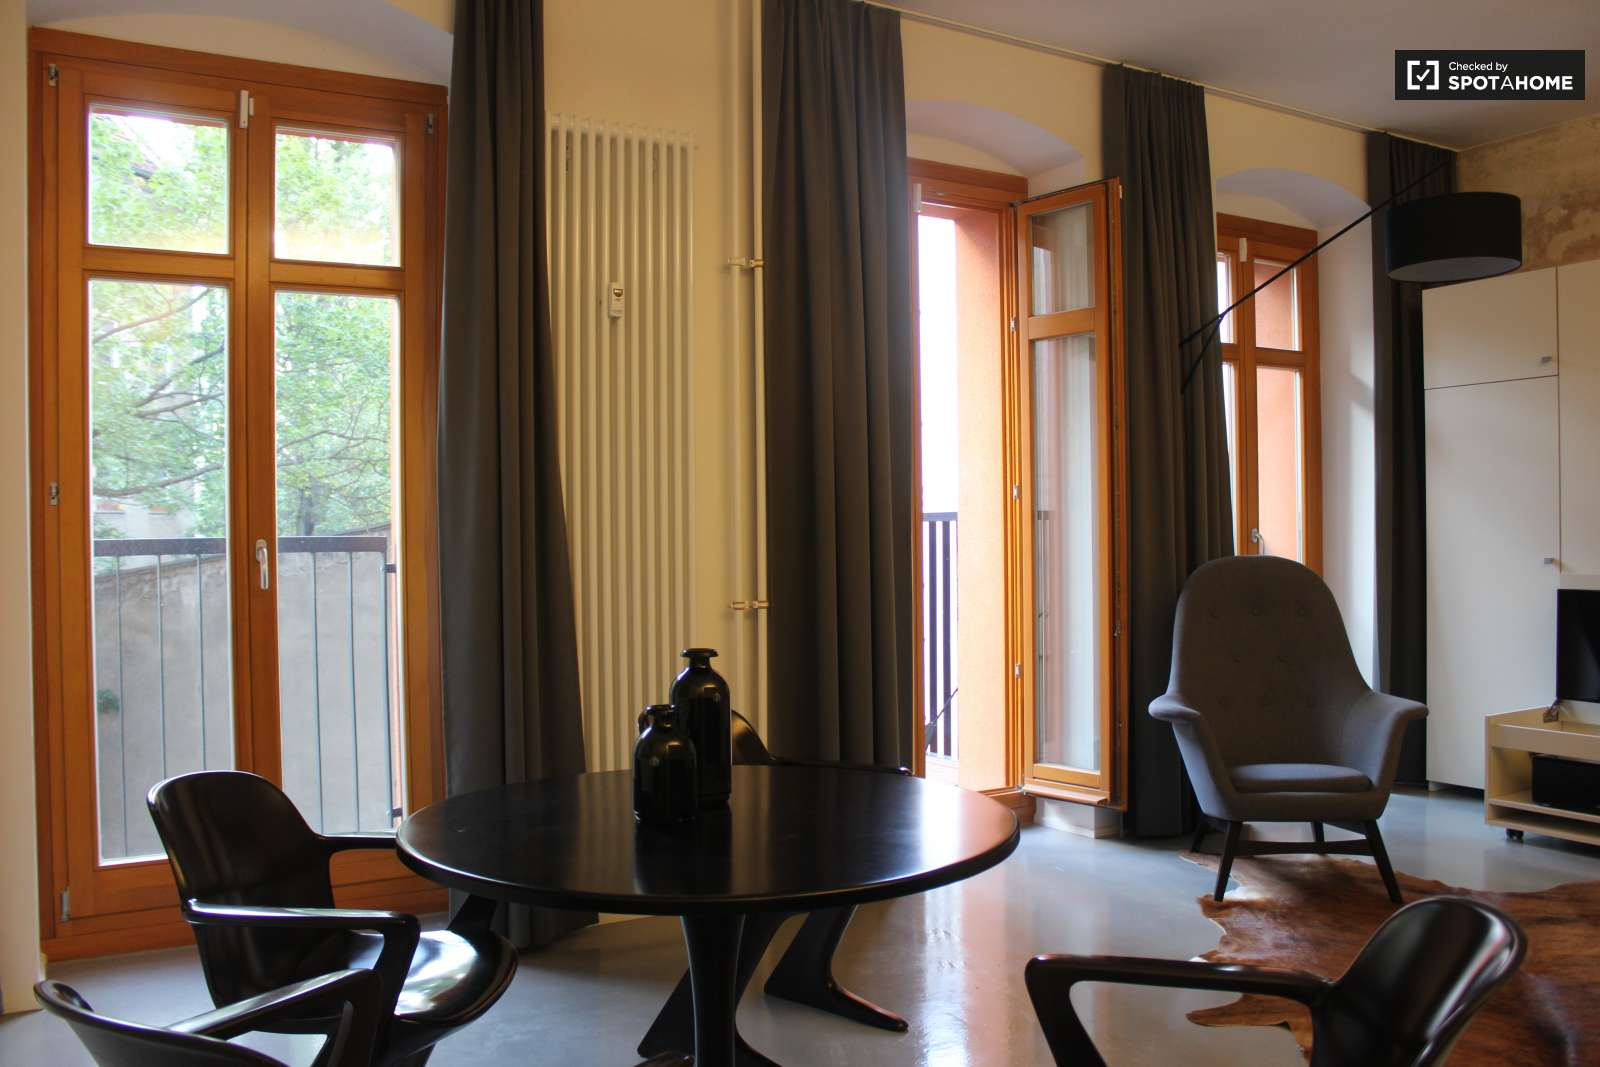 Studio Wohnung Zu Vermieten Friedrichshain Kreuzberg Berlin